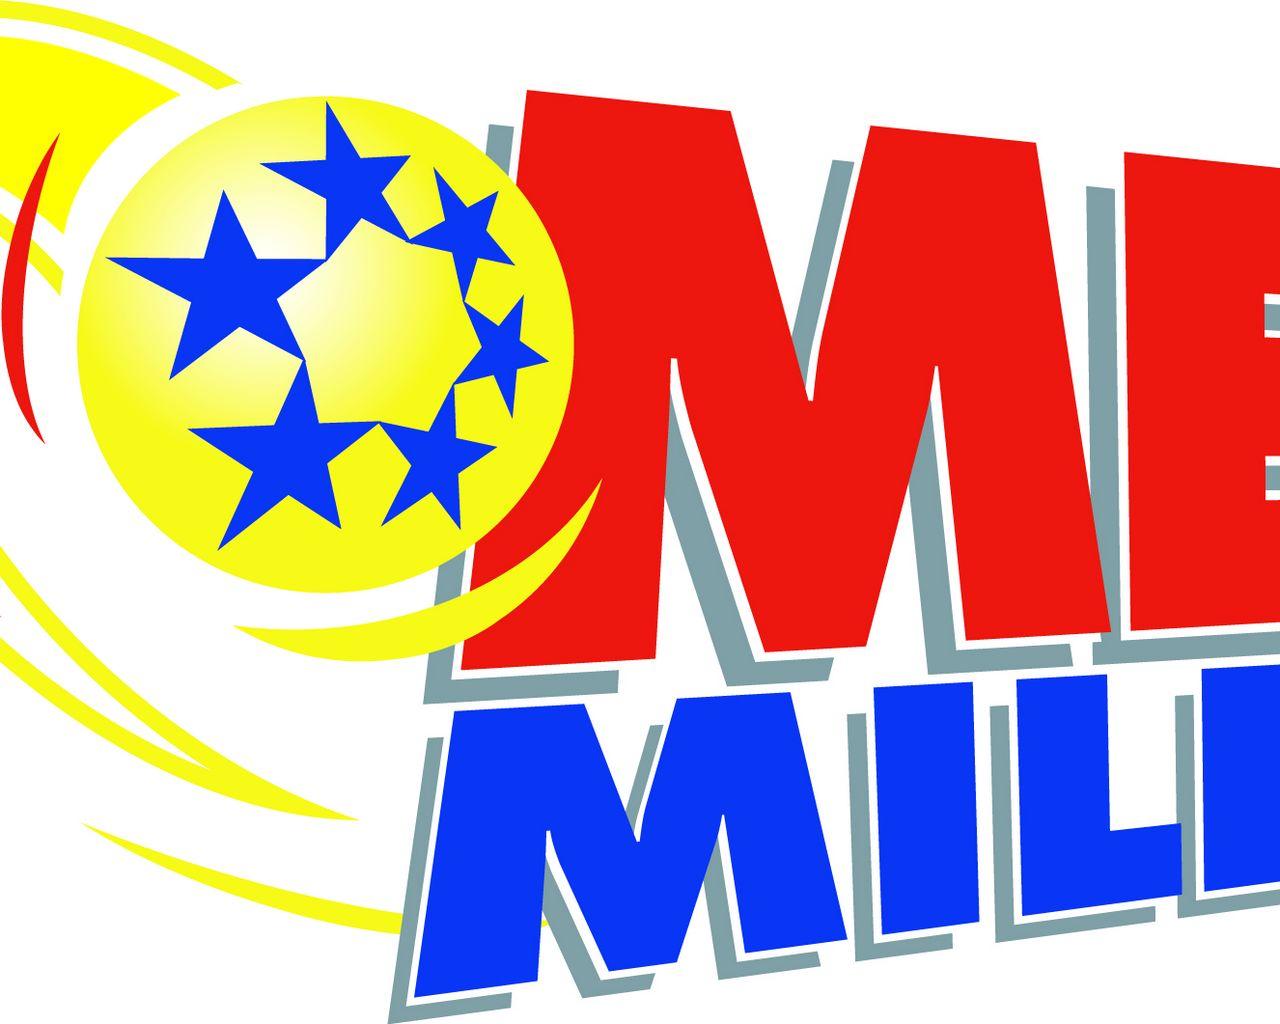 Крупнейшие победители мега миллионов - us mega millions